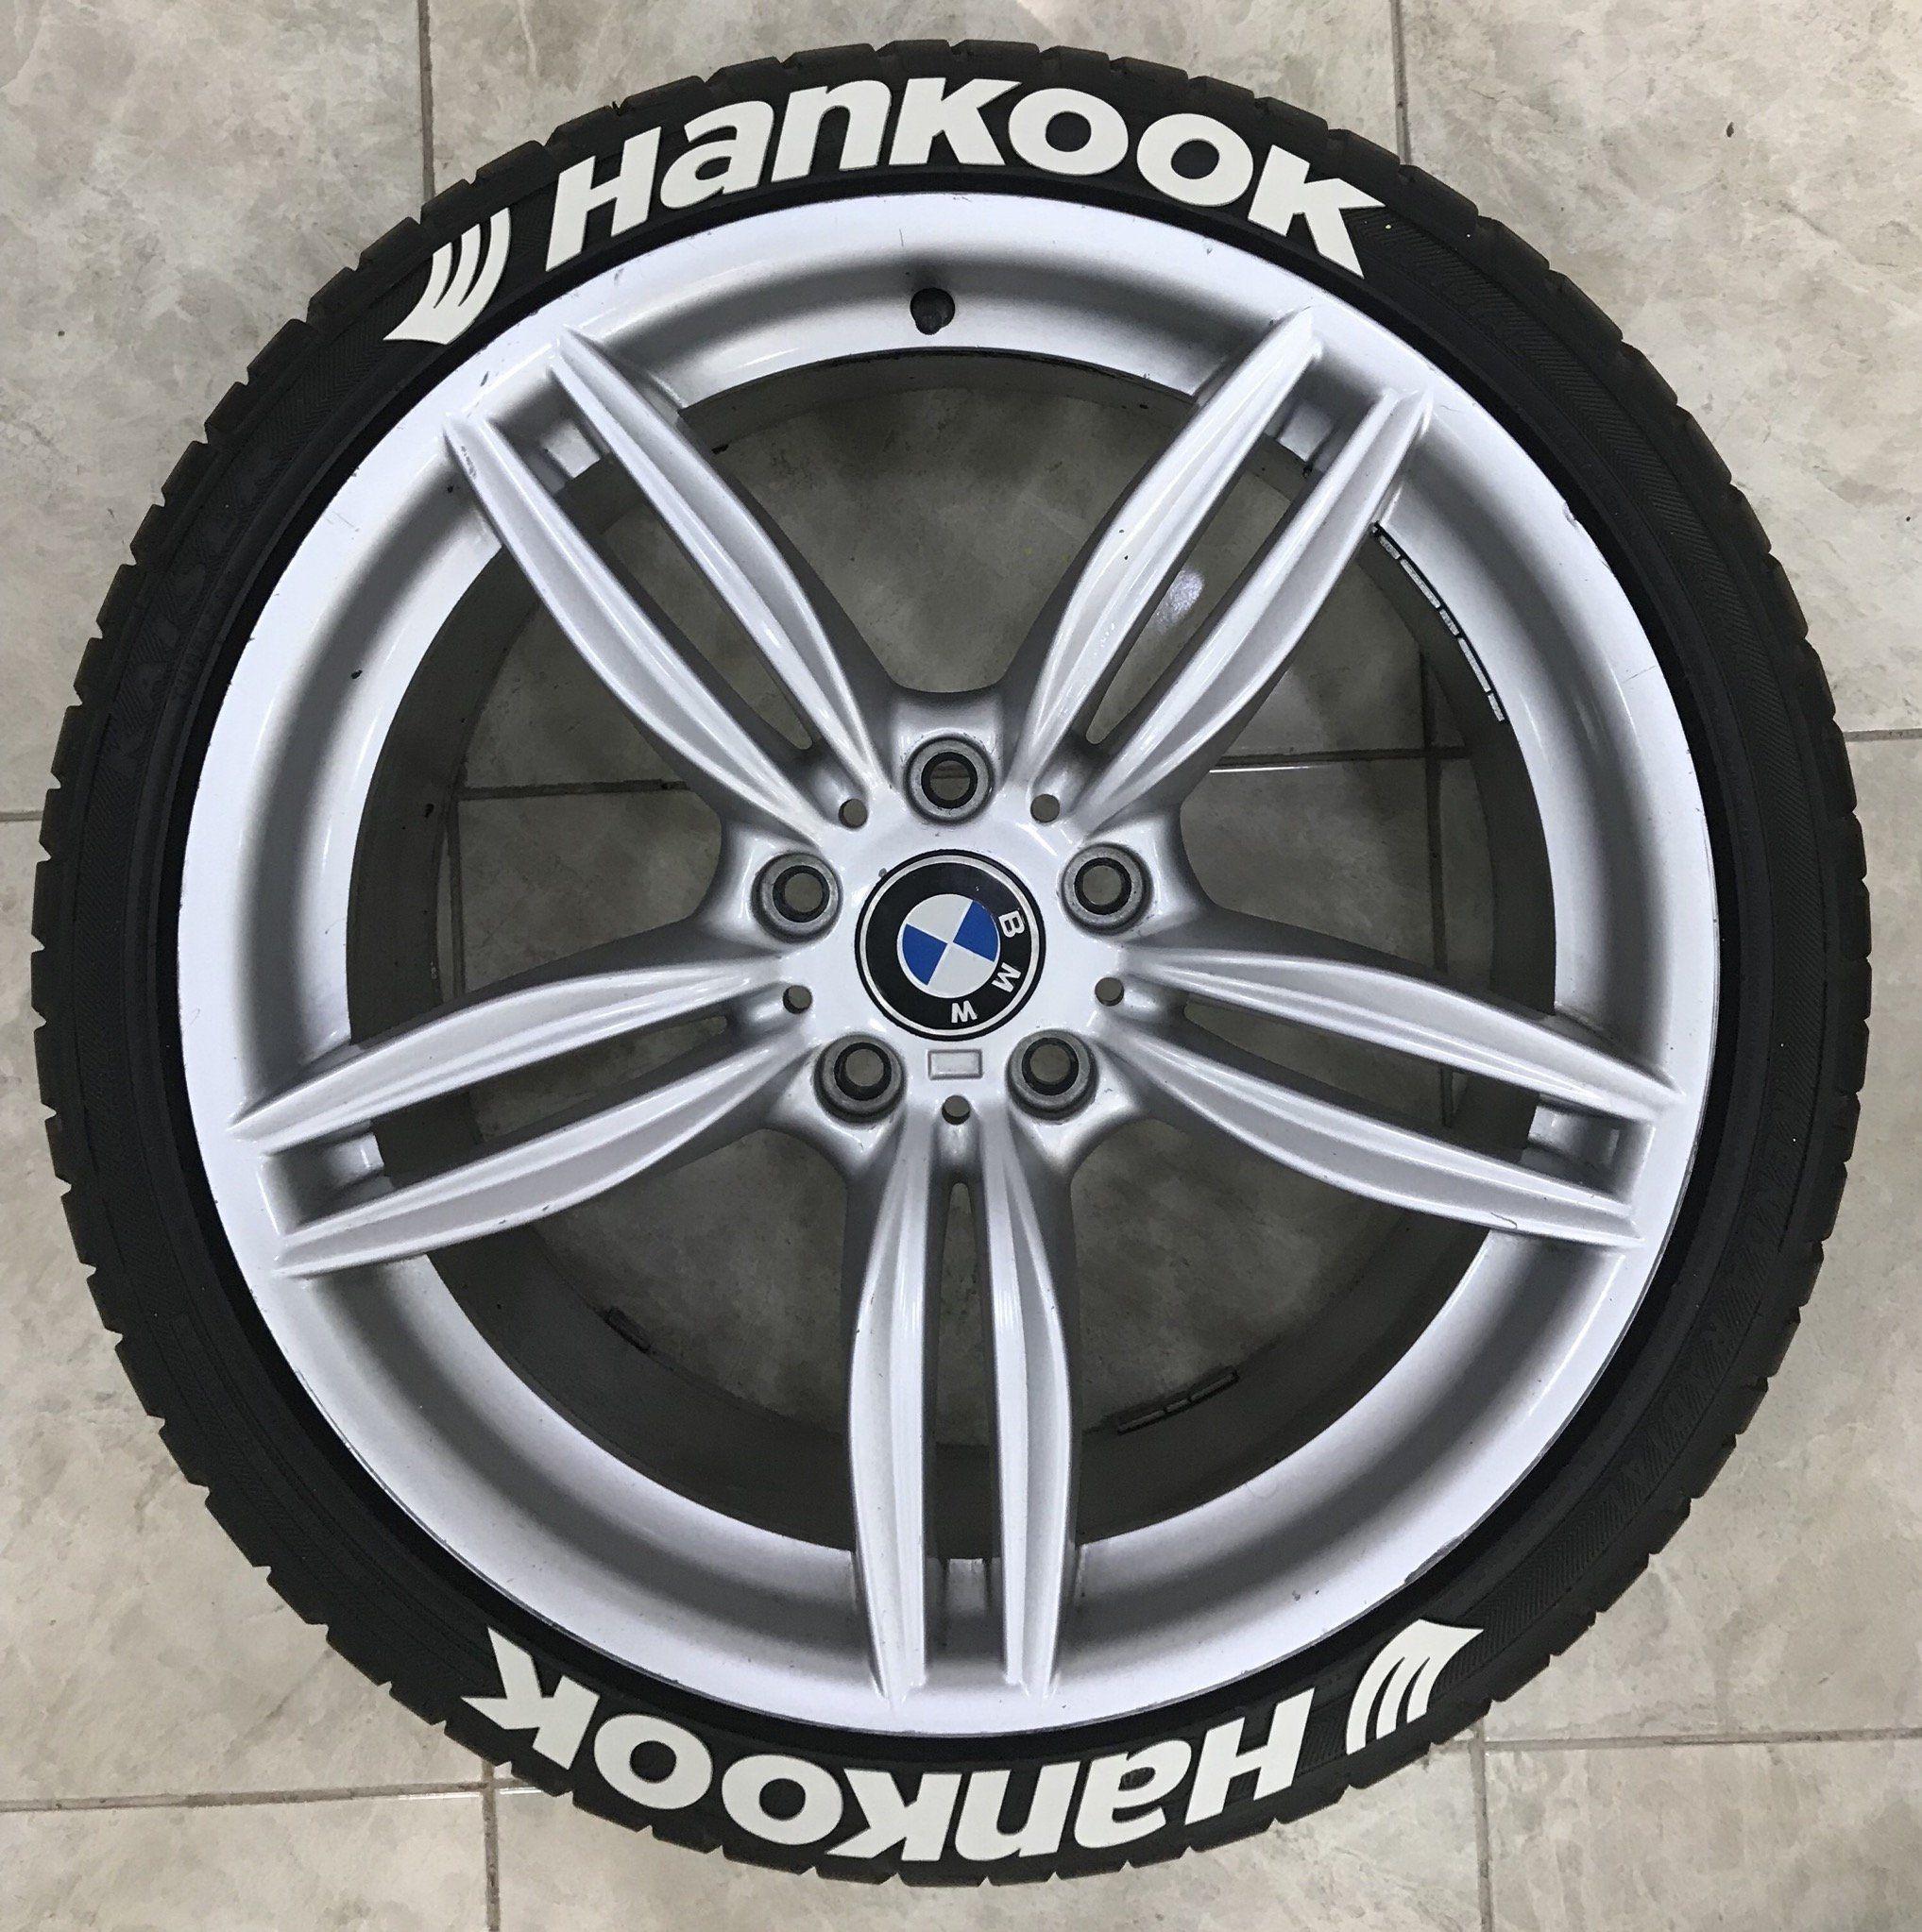 1 25 Hankook Rubber Permanent Tire Letter 8 Pcs 3D Tire Sticker